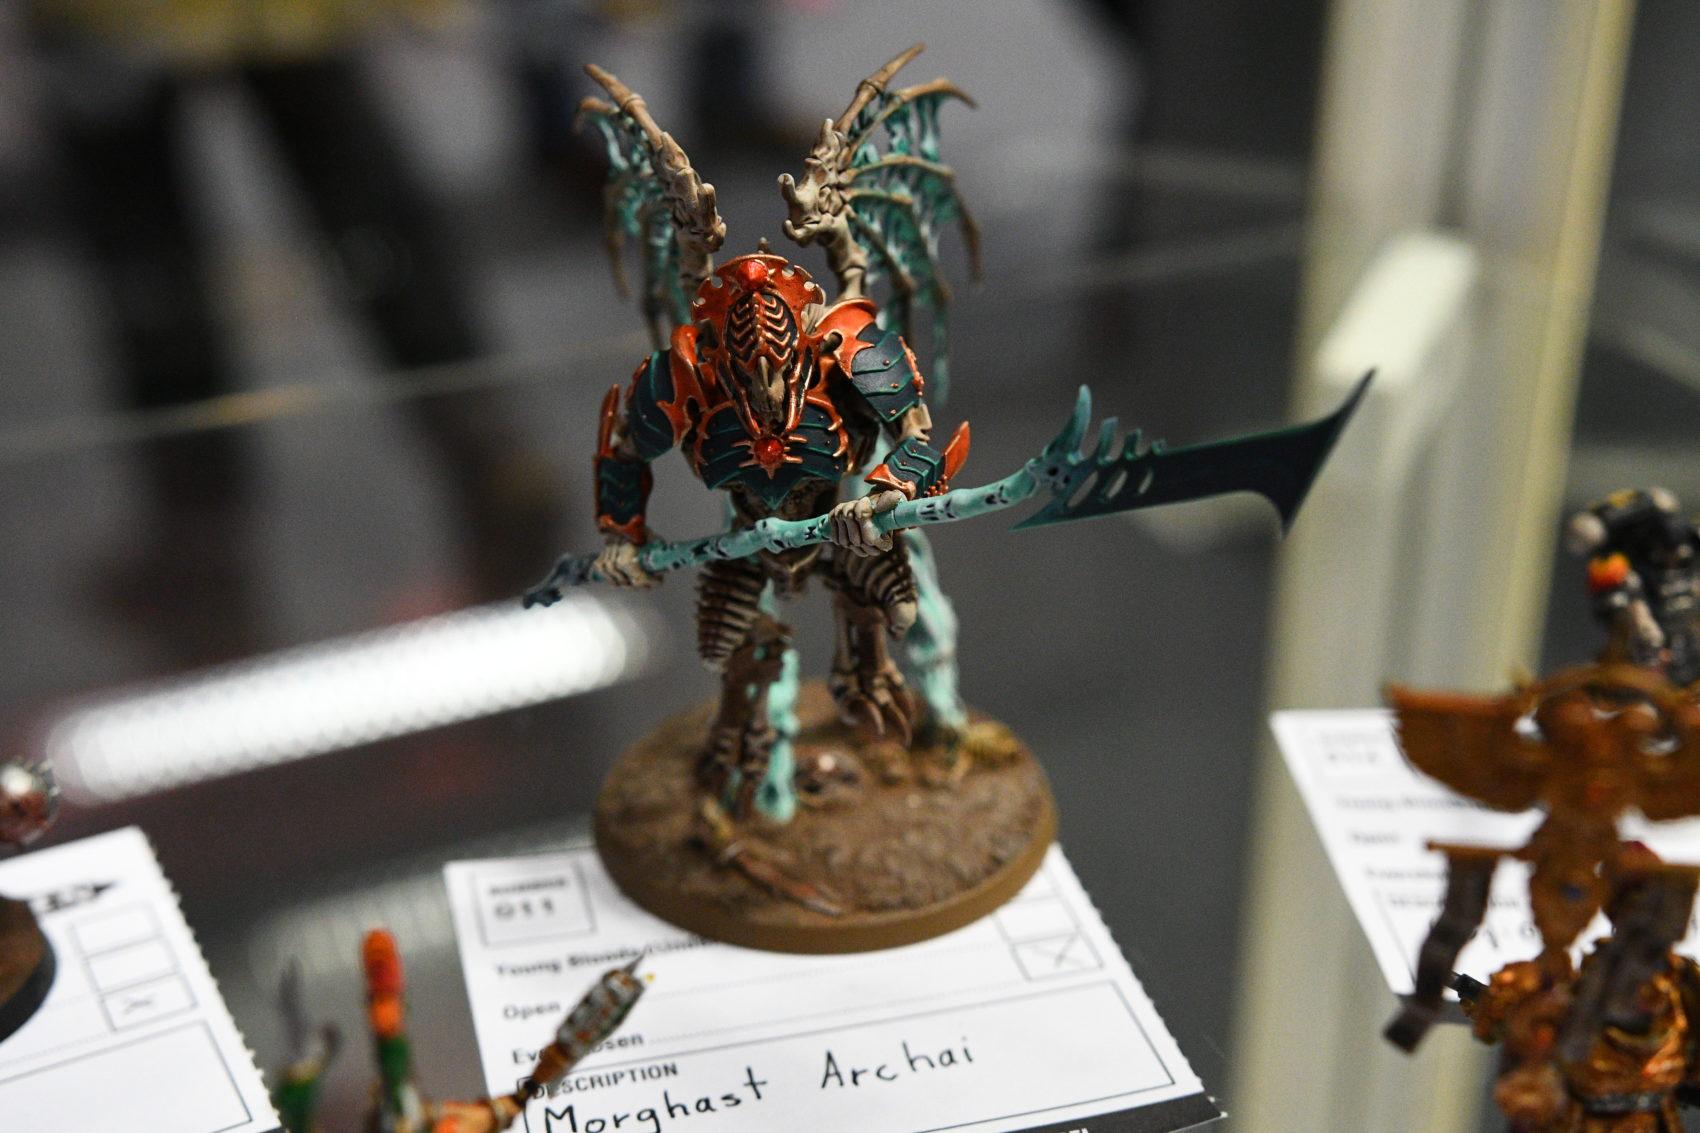 Tekmovanje za najboljše pobarvano miniaturo